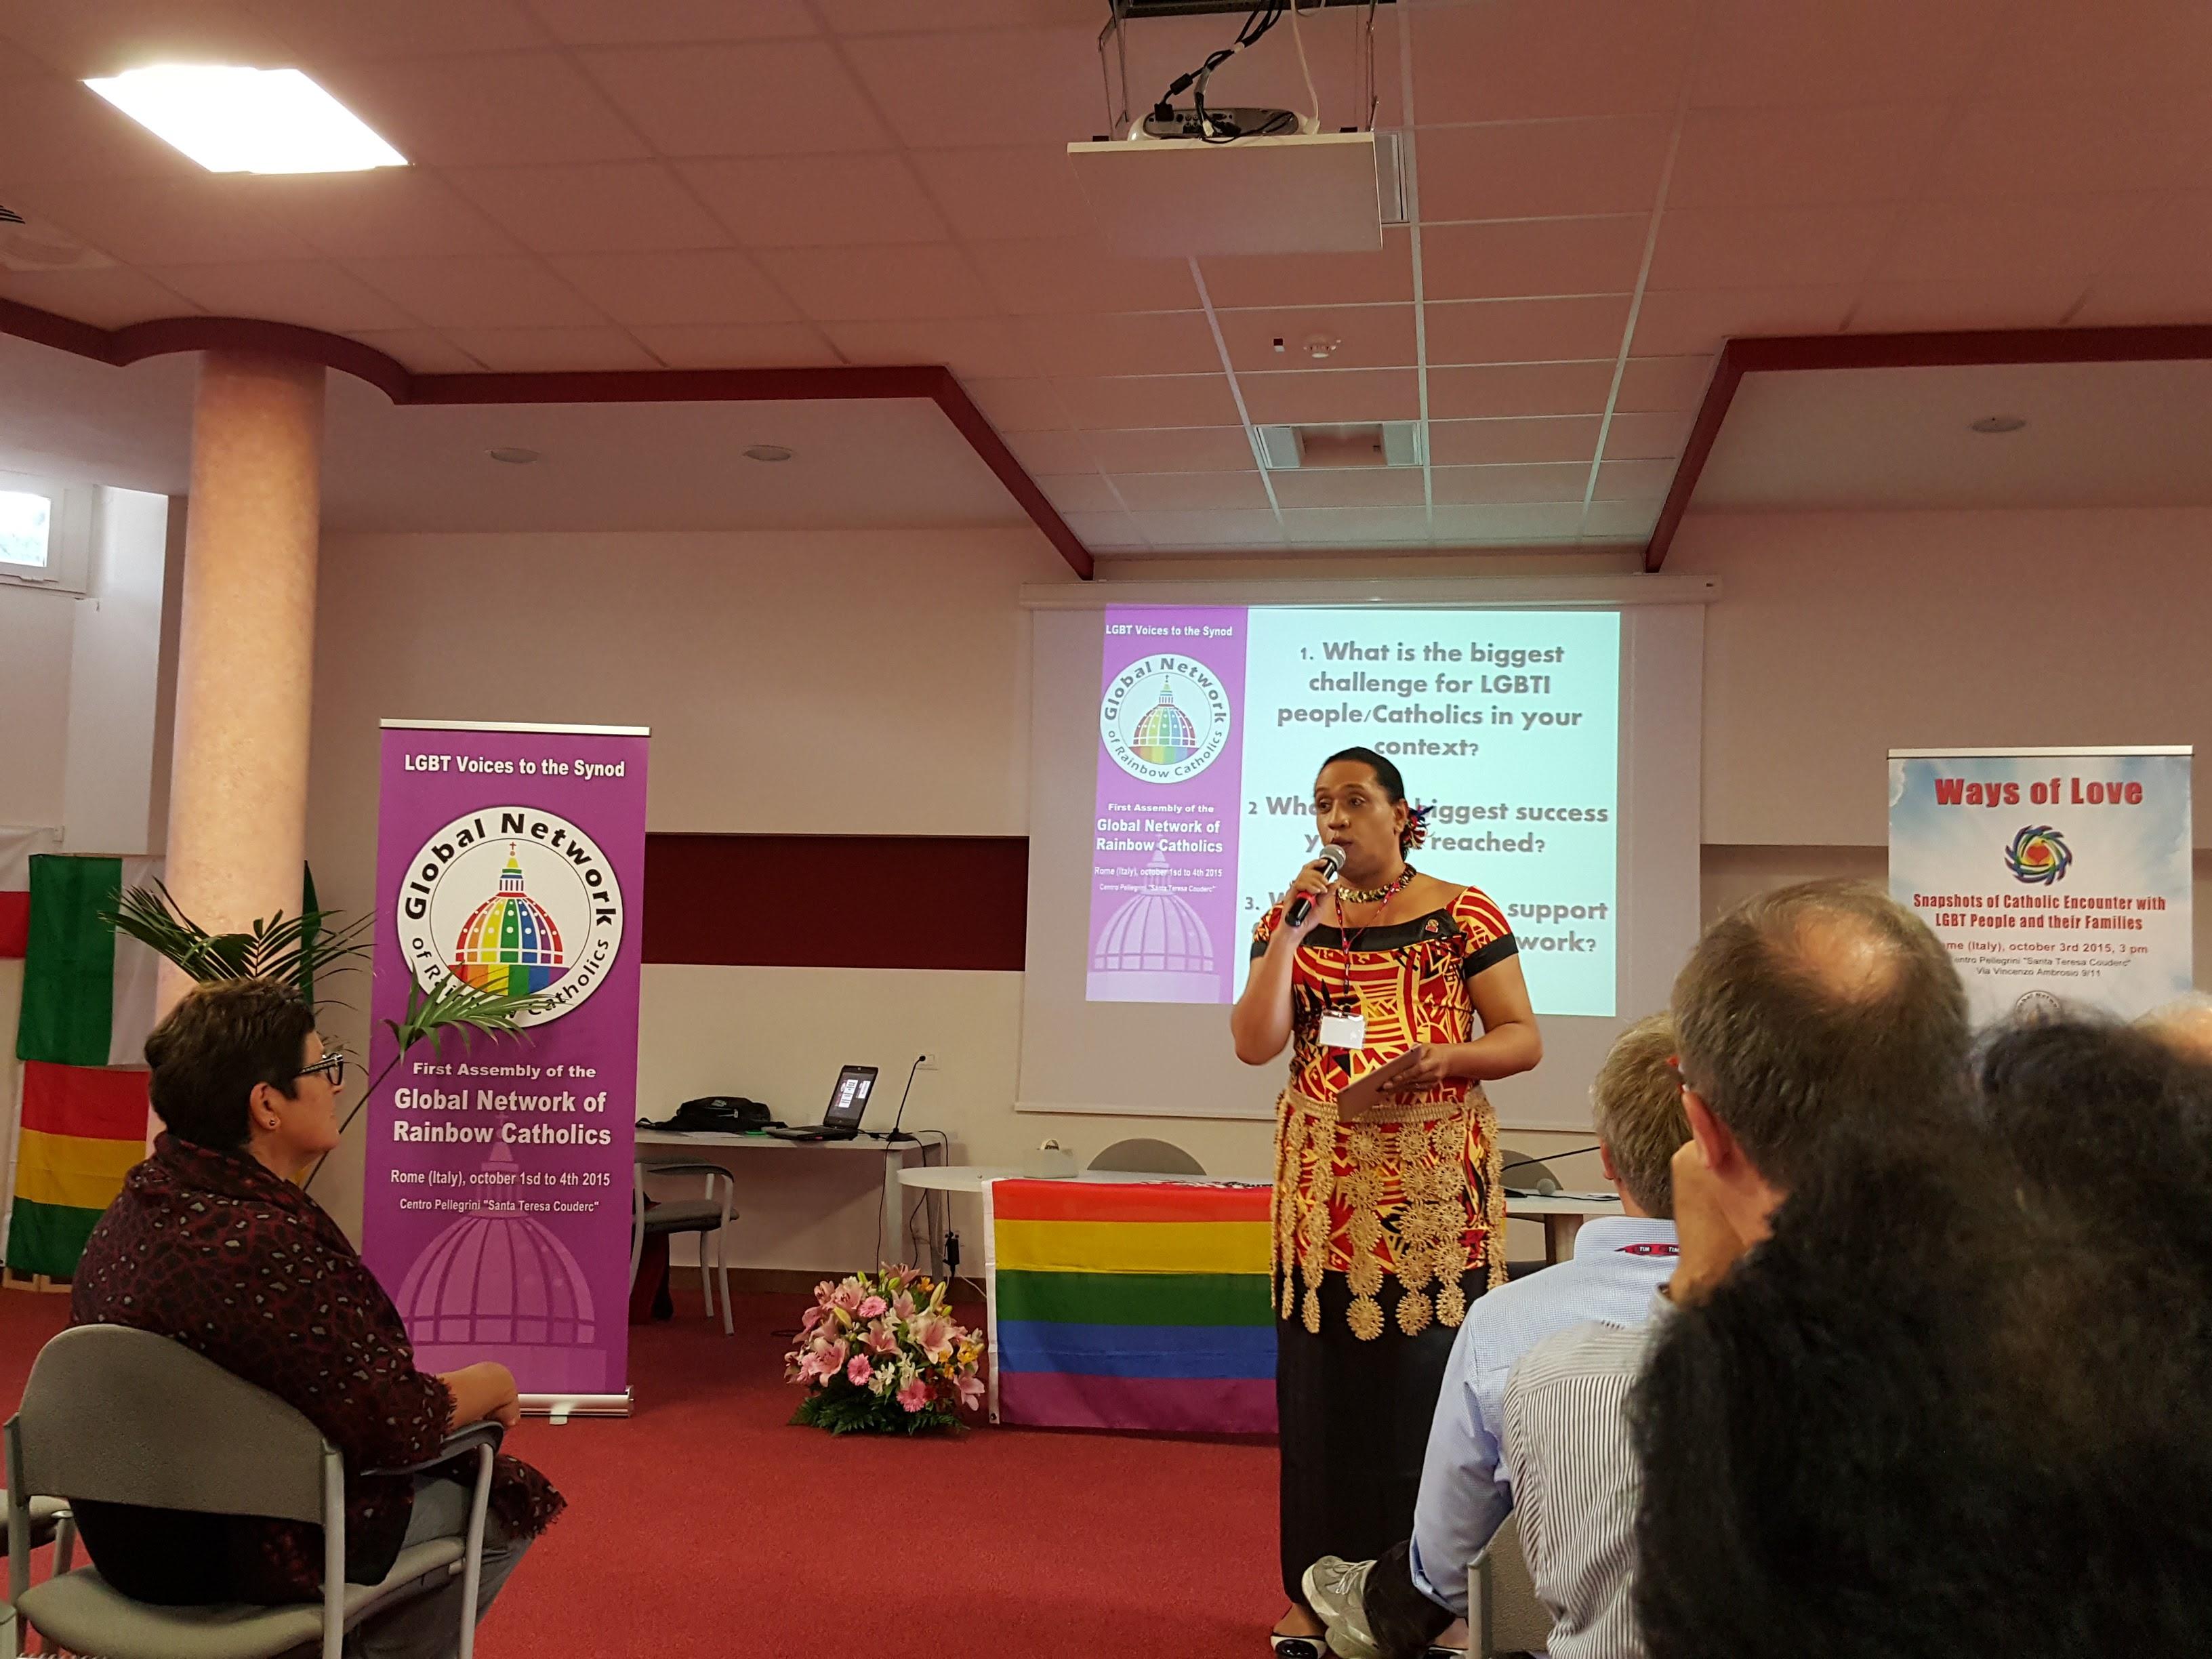 Joleen J. Mataele, dirigiendo la oración matutina, durante el encuentro Los Caminos del Amor en Roma, Octubre 2015.